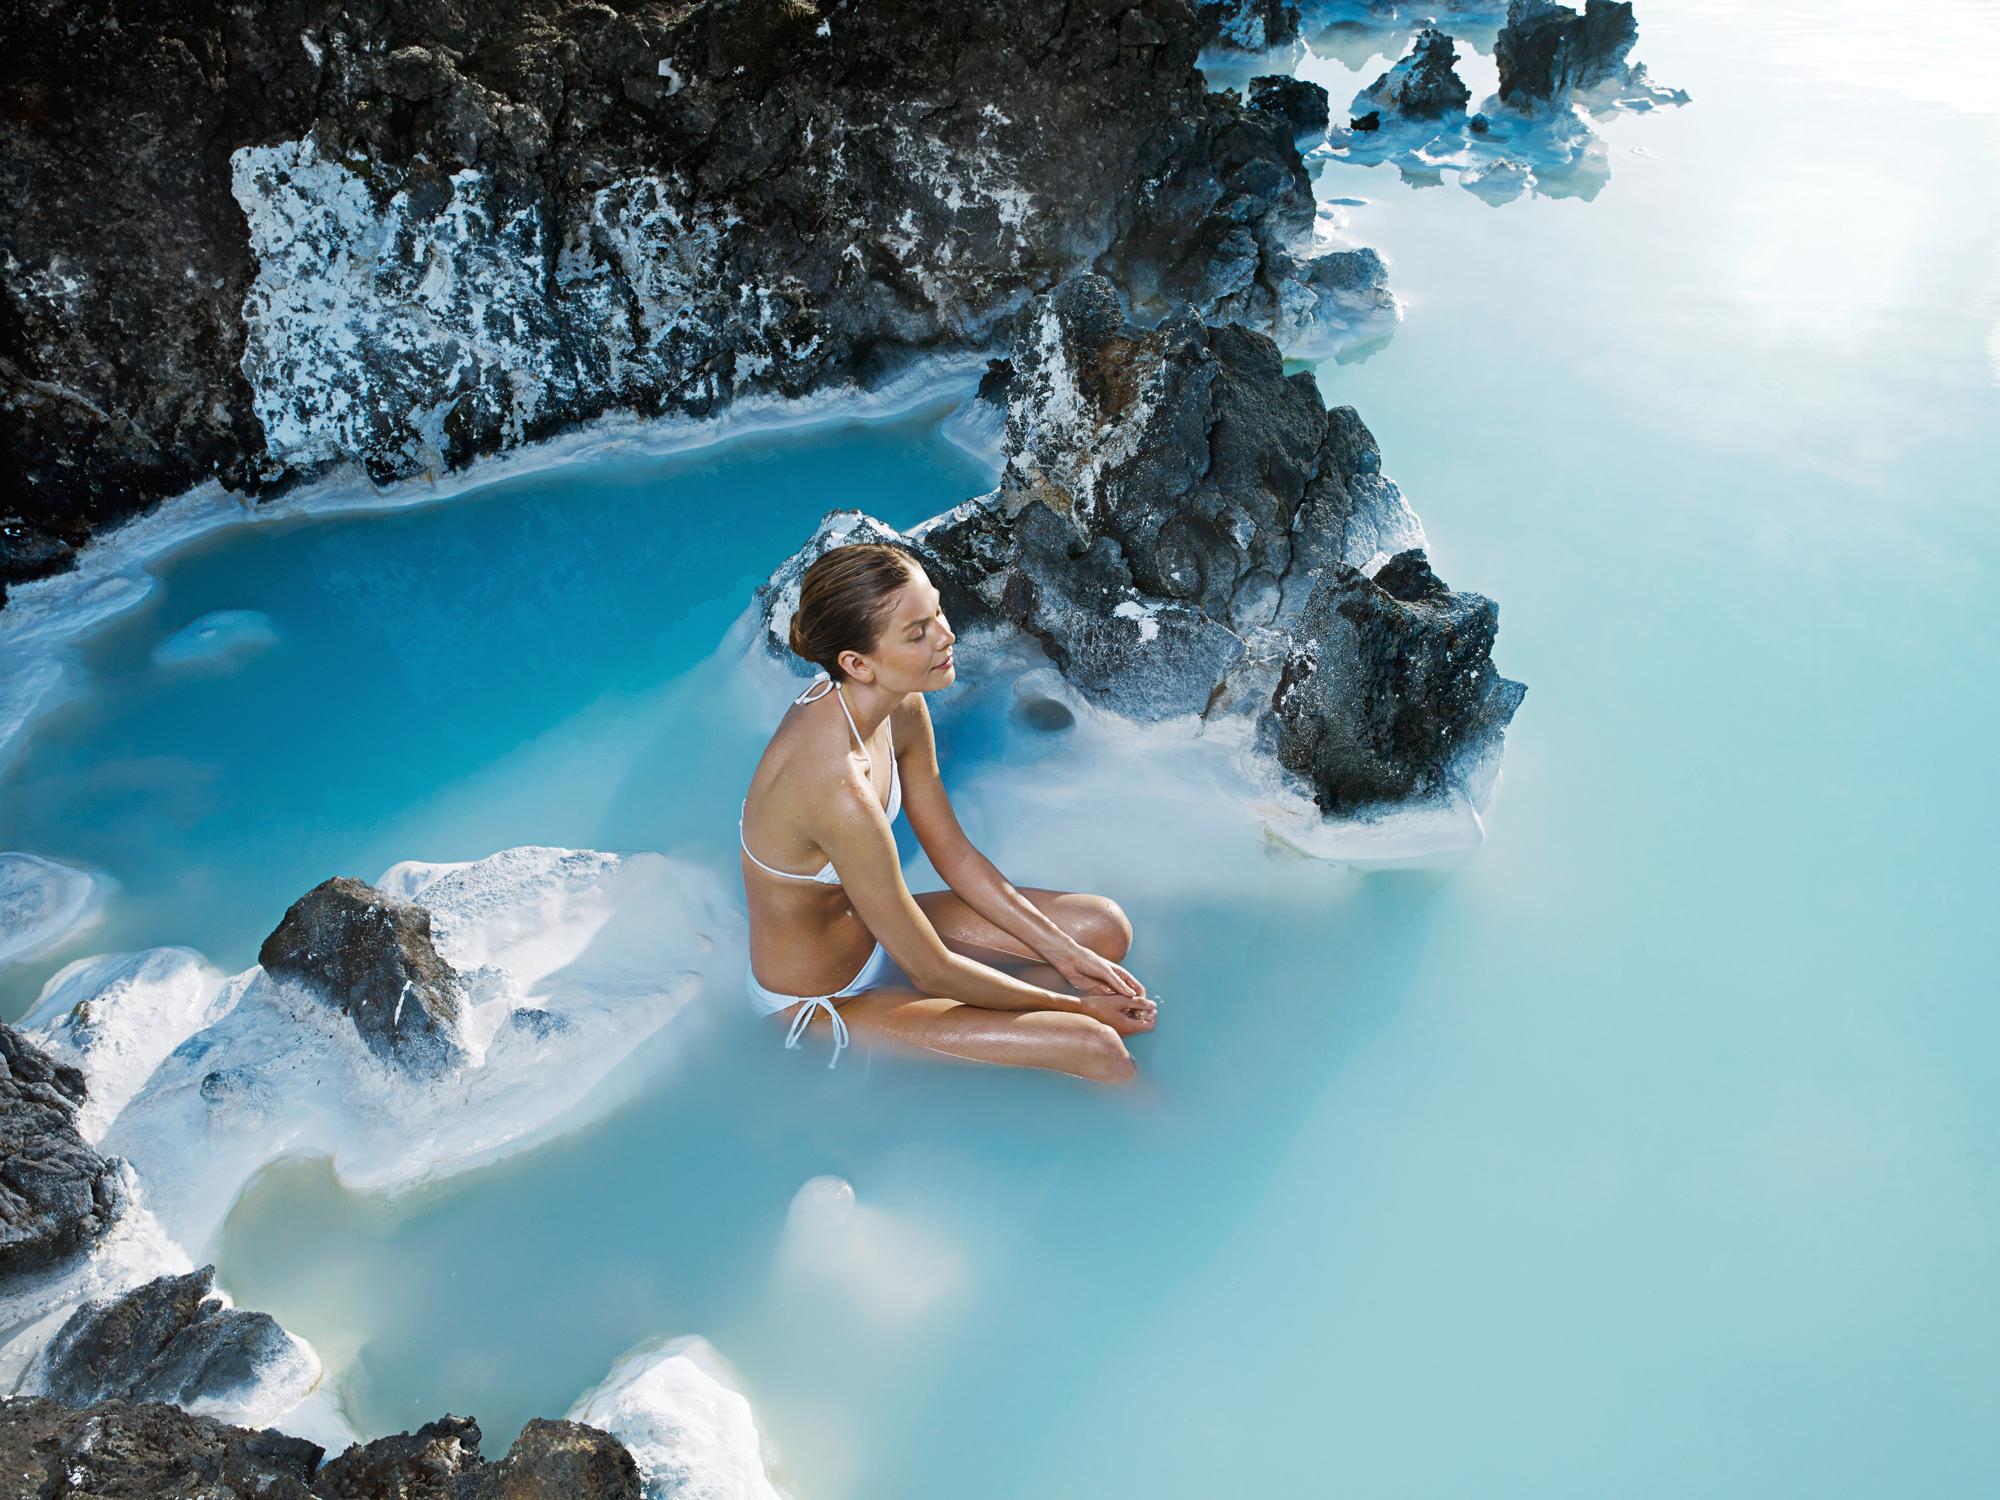 蓝湖温泉是冰岛最知名的旅游景点之一